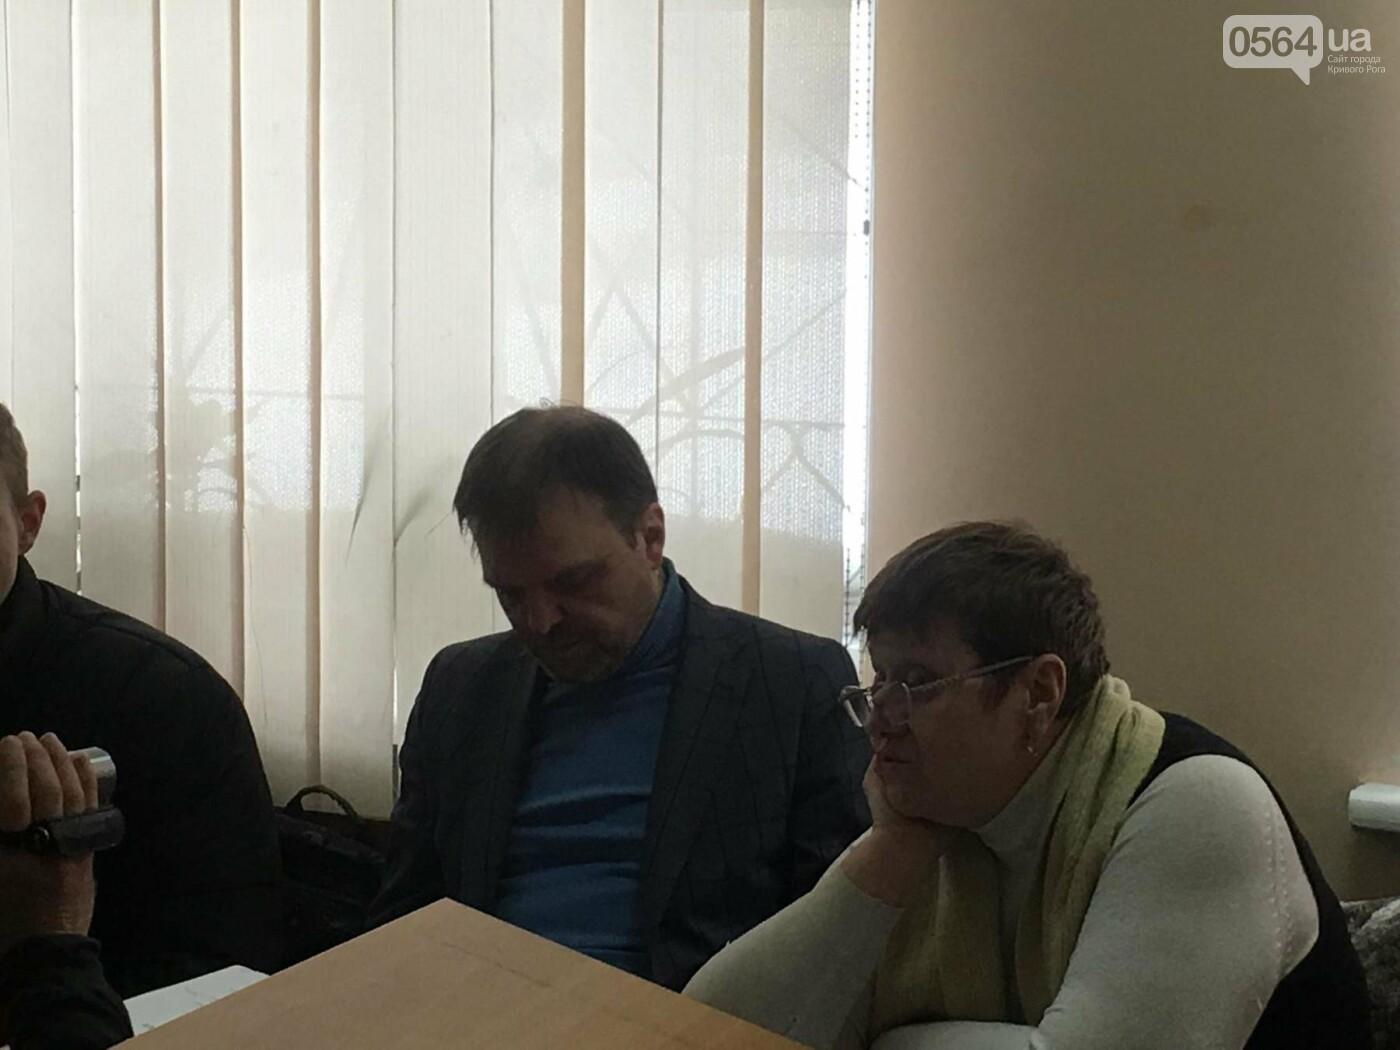 В Кривом Роге продолжается суд над приемными родителями сожженной Амины Менго (ФОТО), фото-1